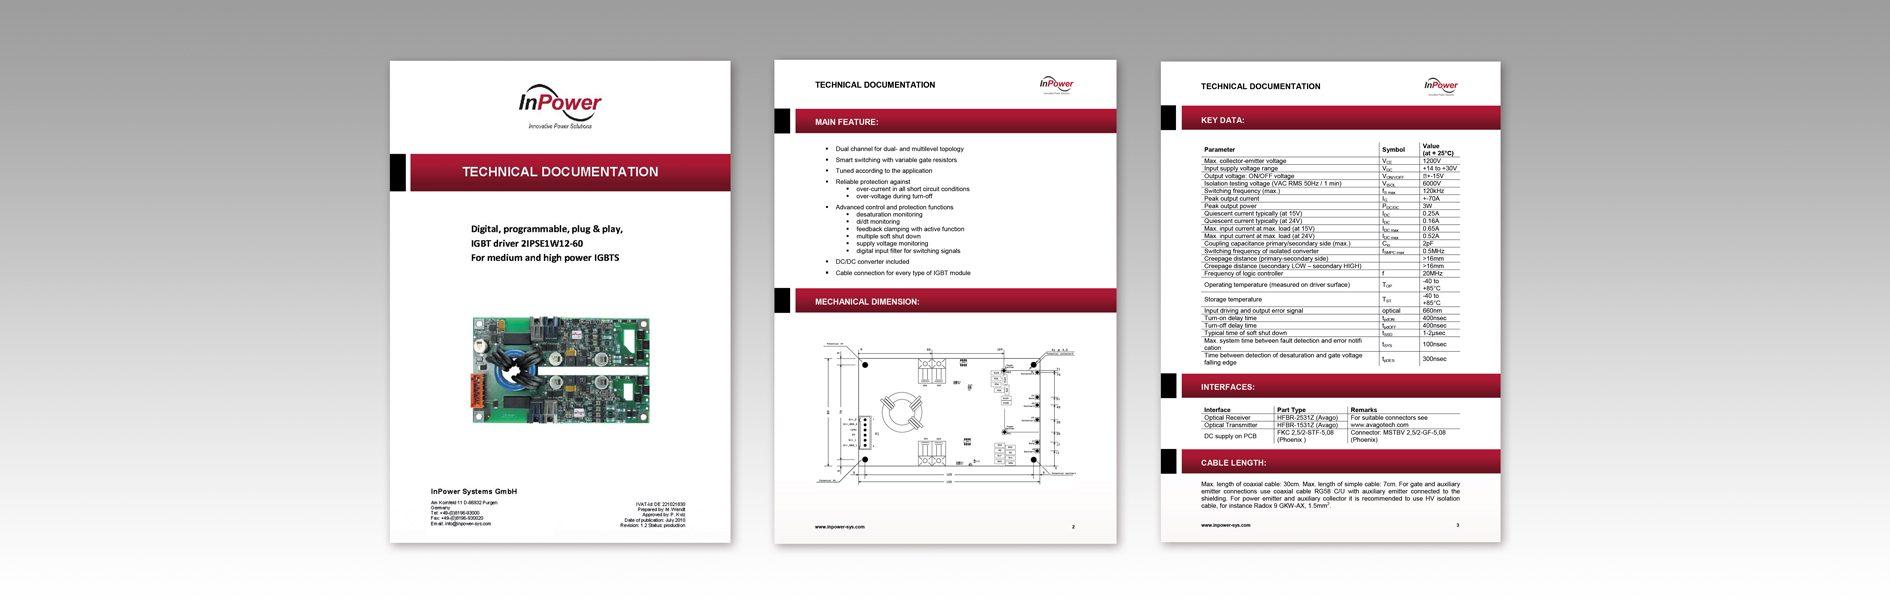 Hier ist ein Beispiel der Produktbilder von InPower abgebildet.